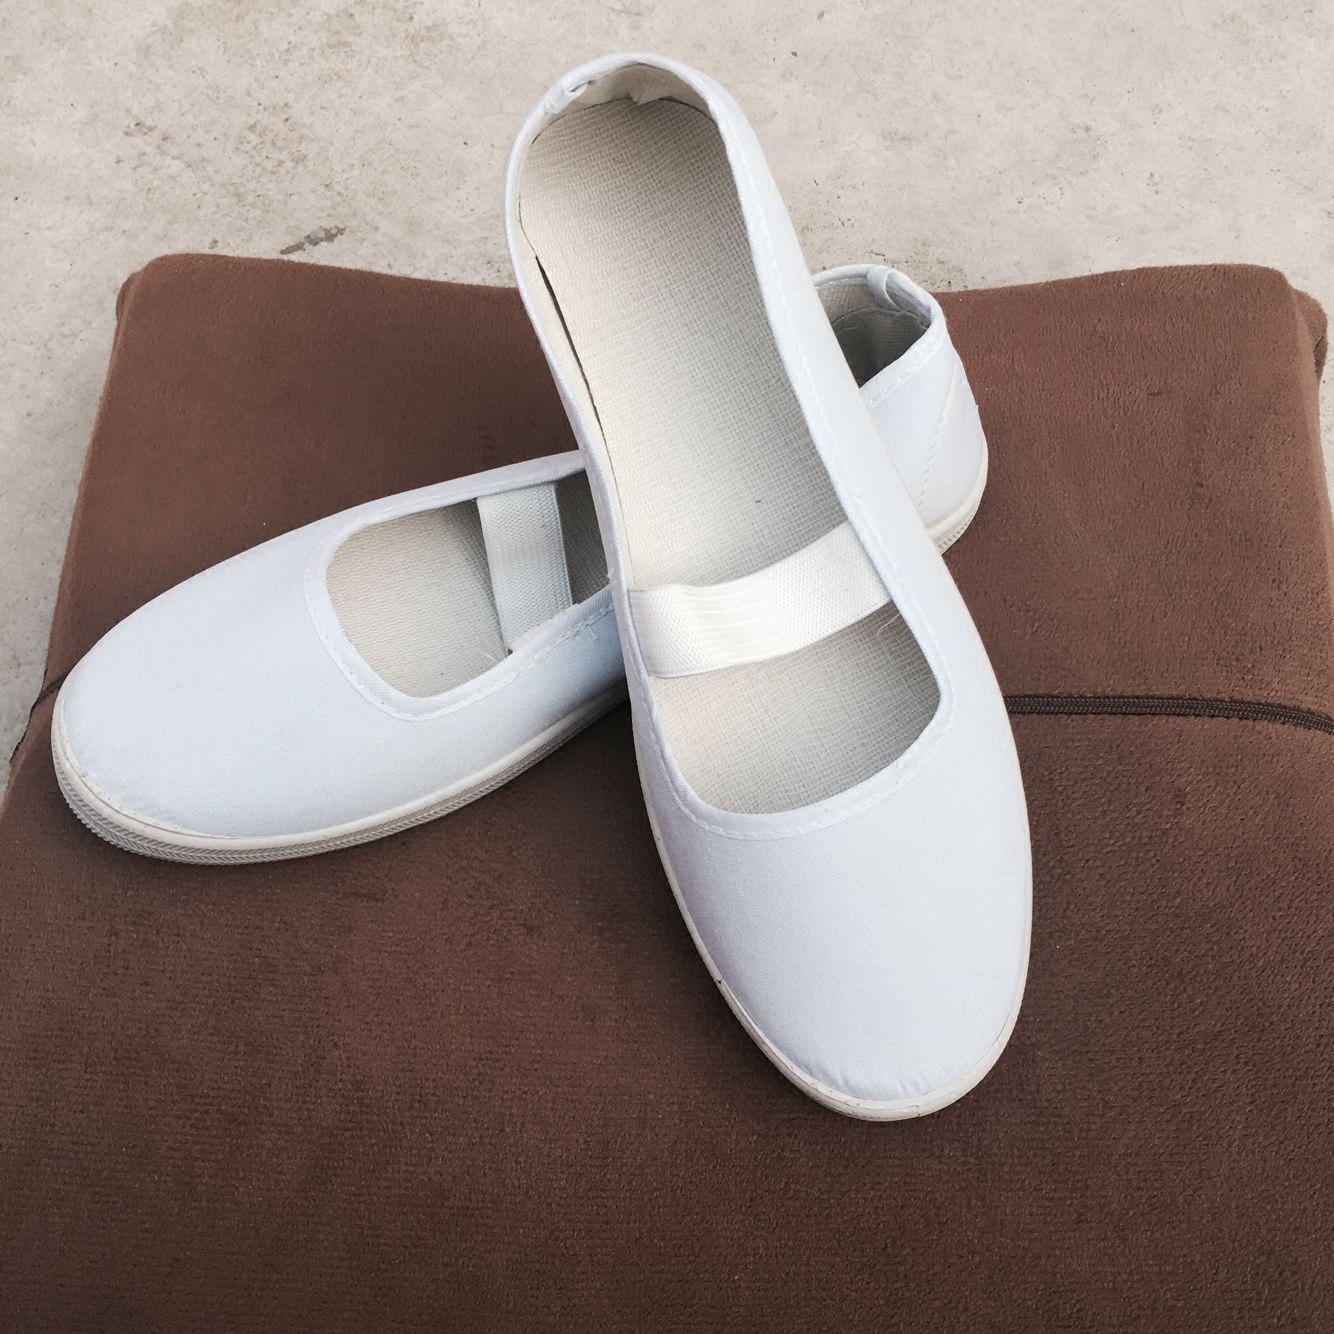 白色帆布鞋 白事鞋丧事女鞋殡葬用鞋女白孝鞋女士帆布白鞋青鞋孝鞋女白色白鞋_推荐淘宝好看的白色帆布鞋